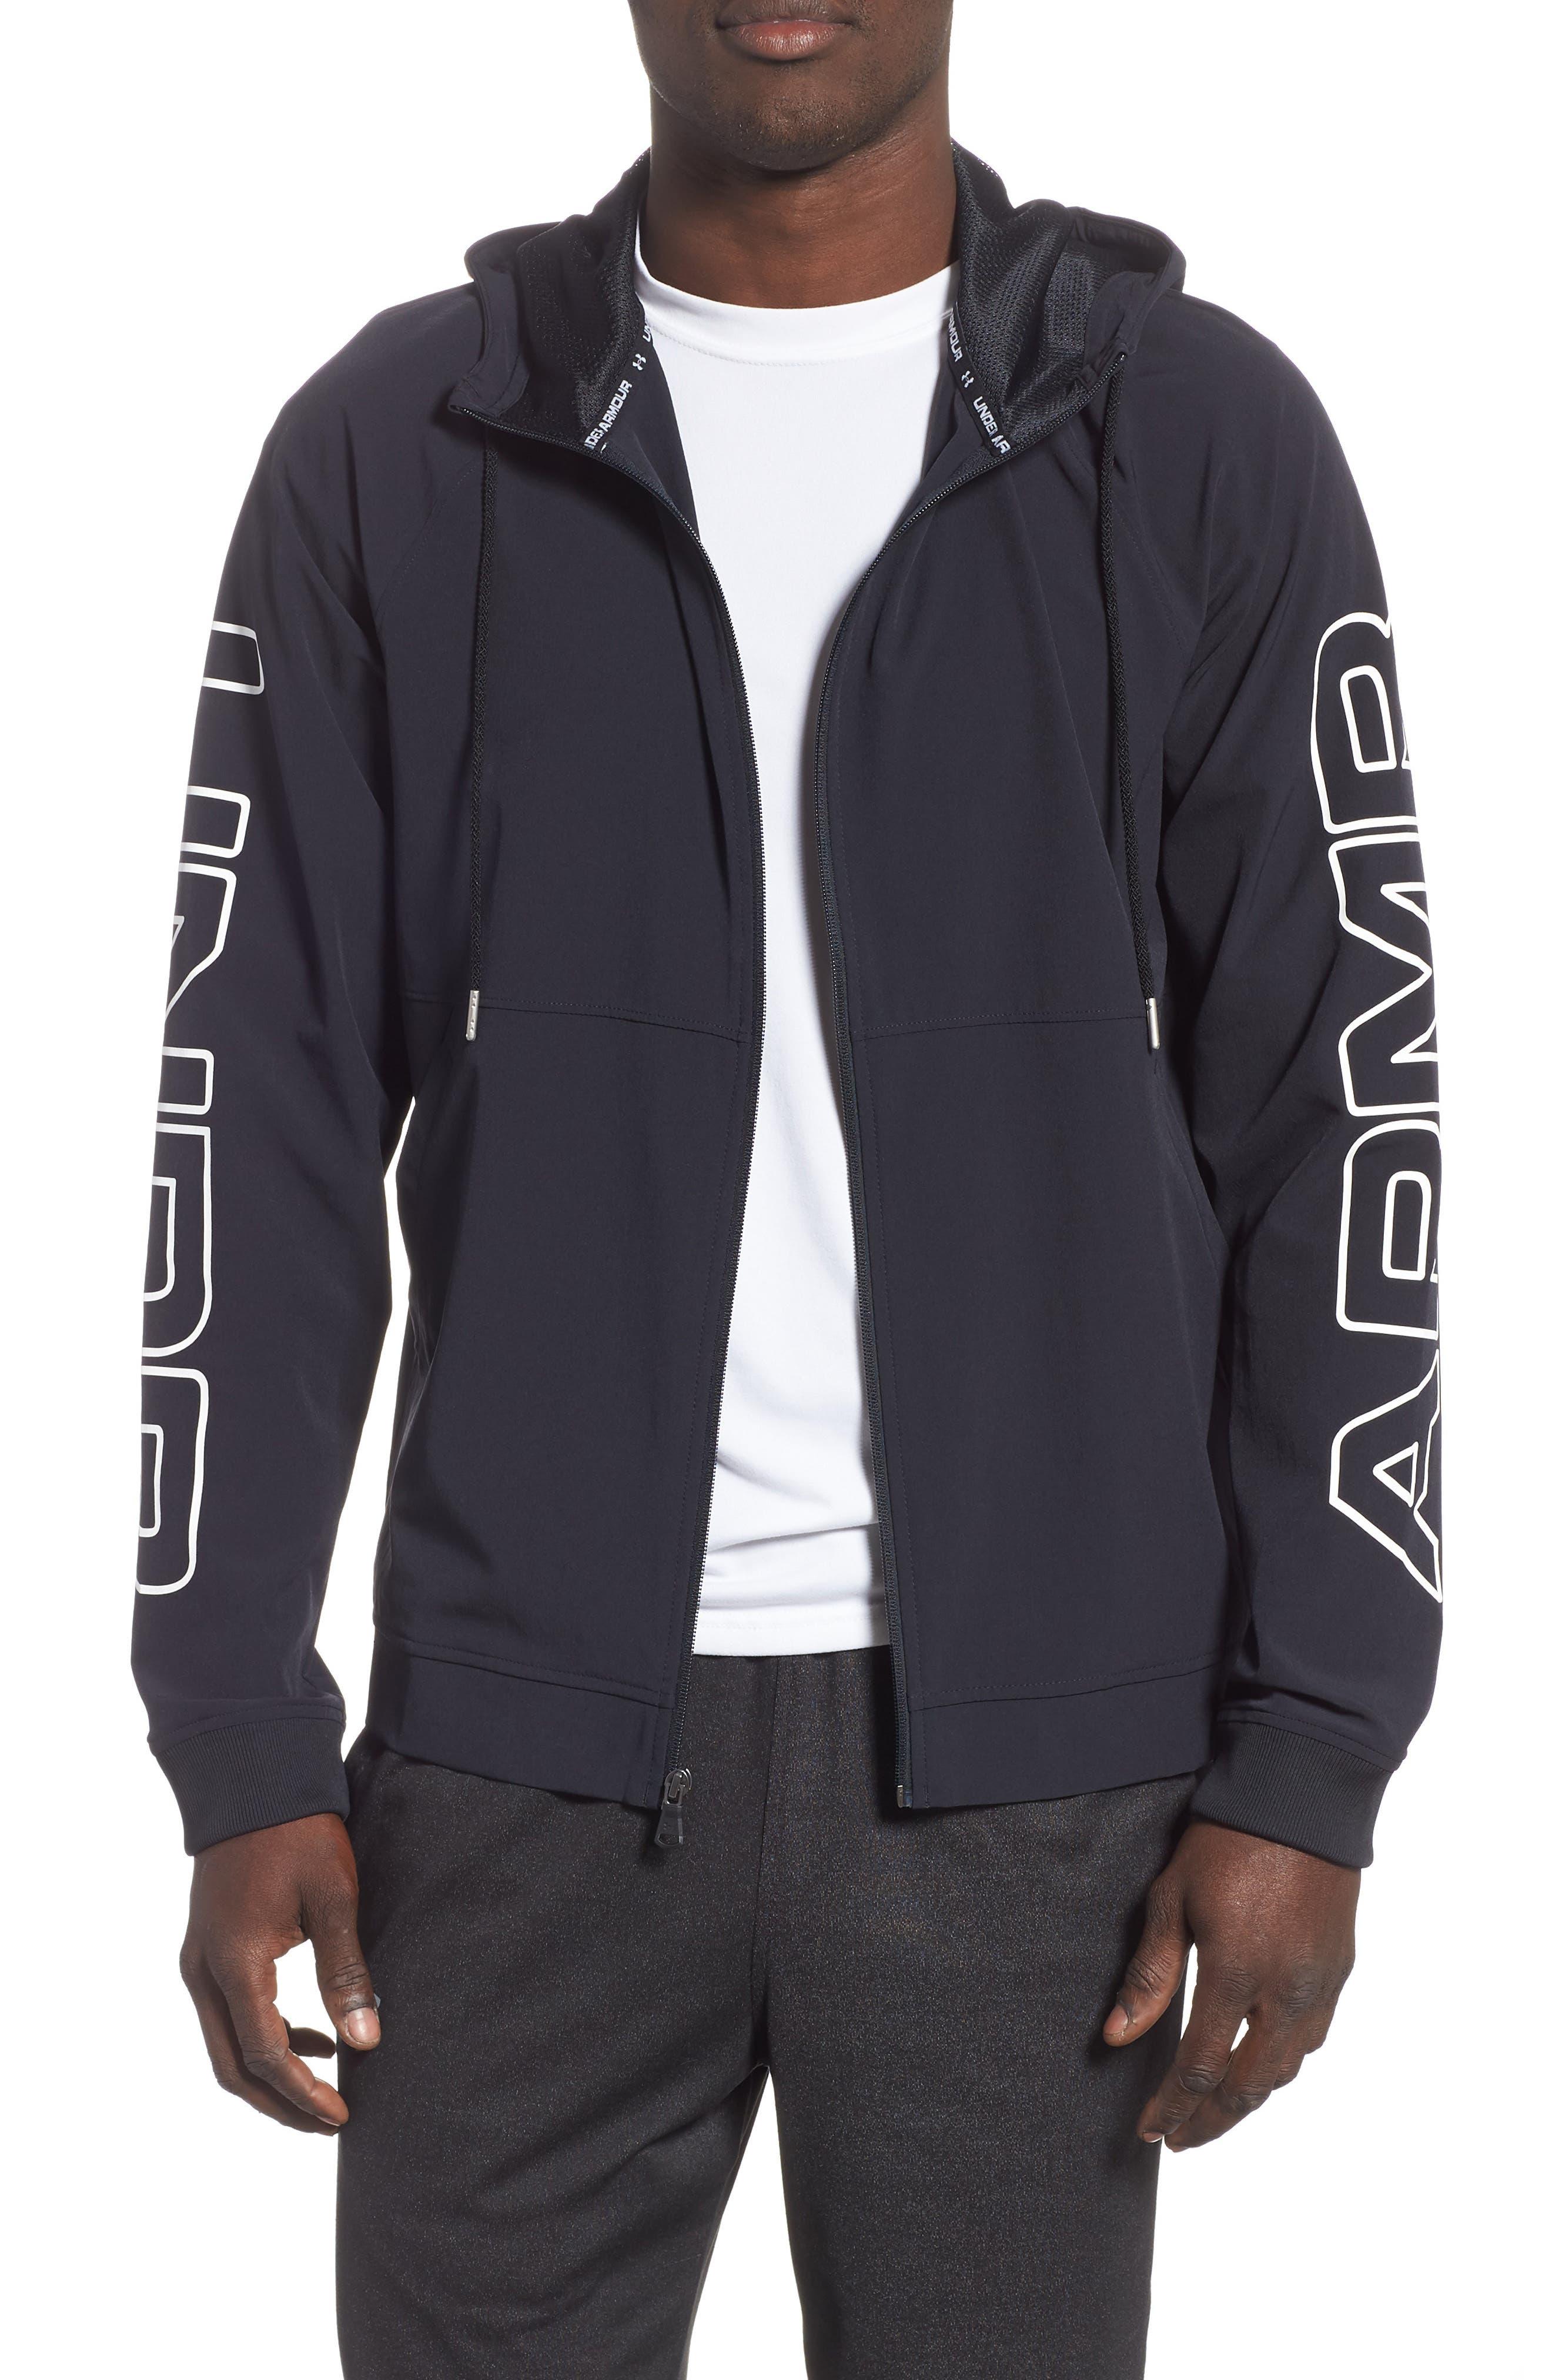 Baseline Hooded Jacket,                             Main thumbnail 1, color,                             BLACK